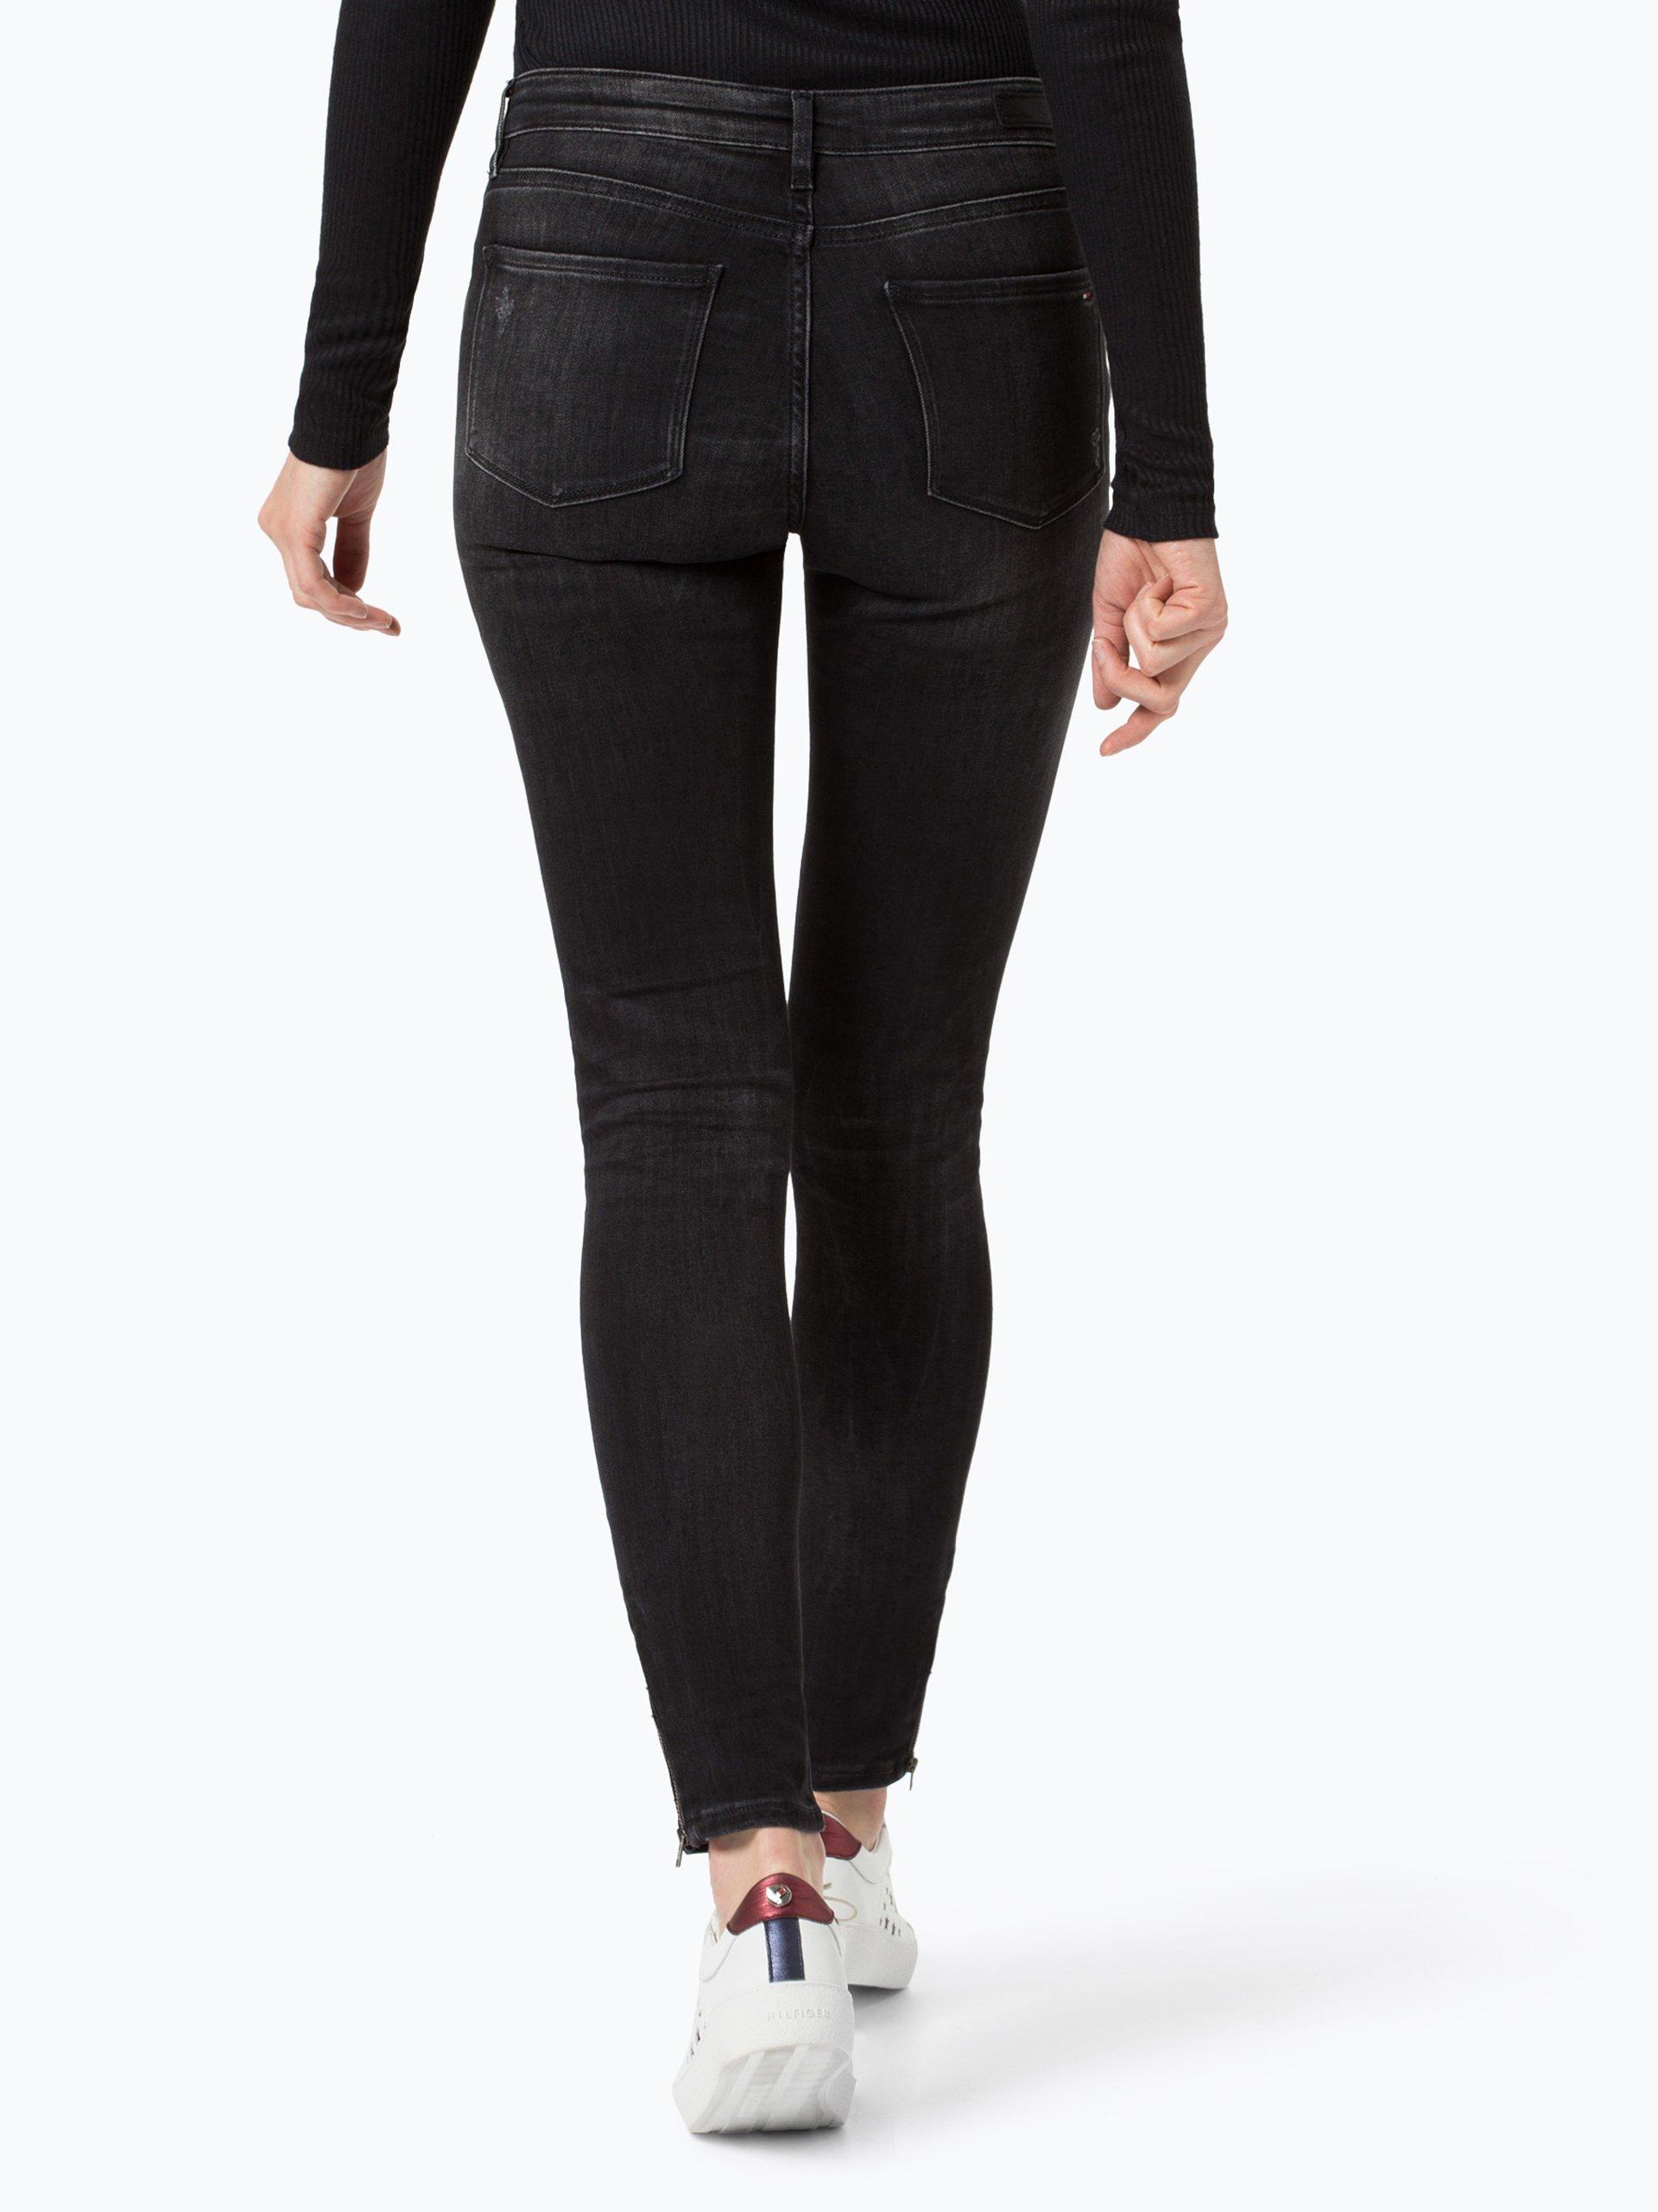 tommy hilfiger damen jeans como schwarz uni online. Black Bedroom Furniture Sets. Home Design Ideas